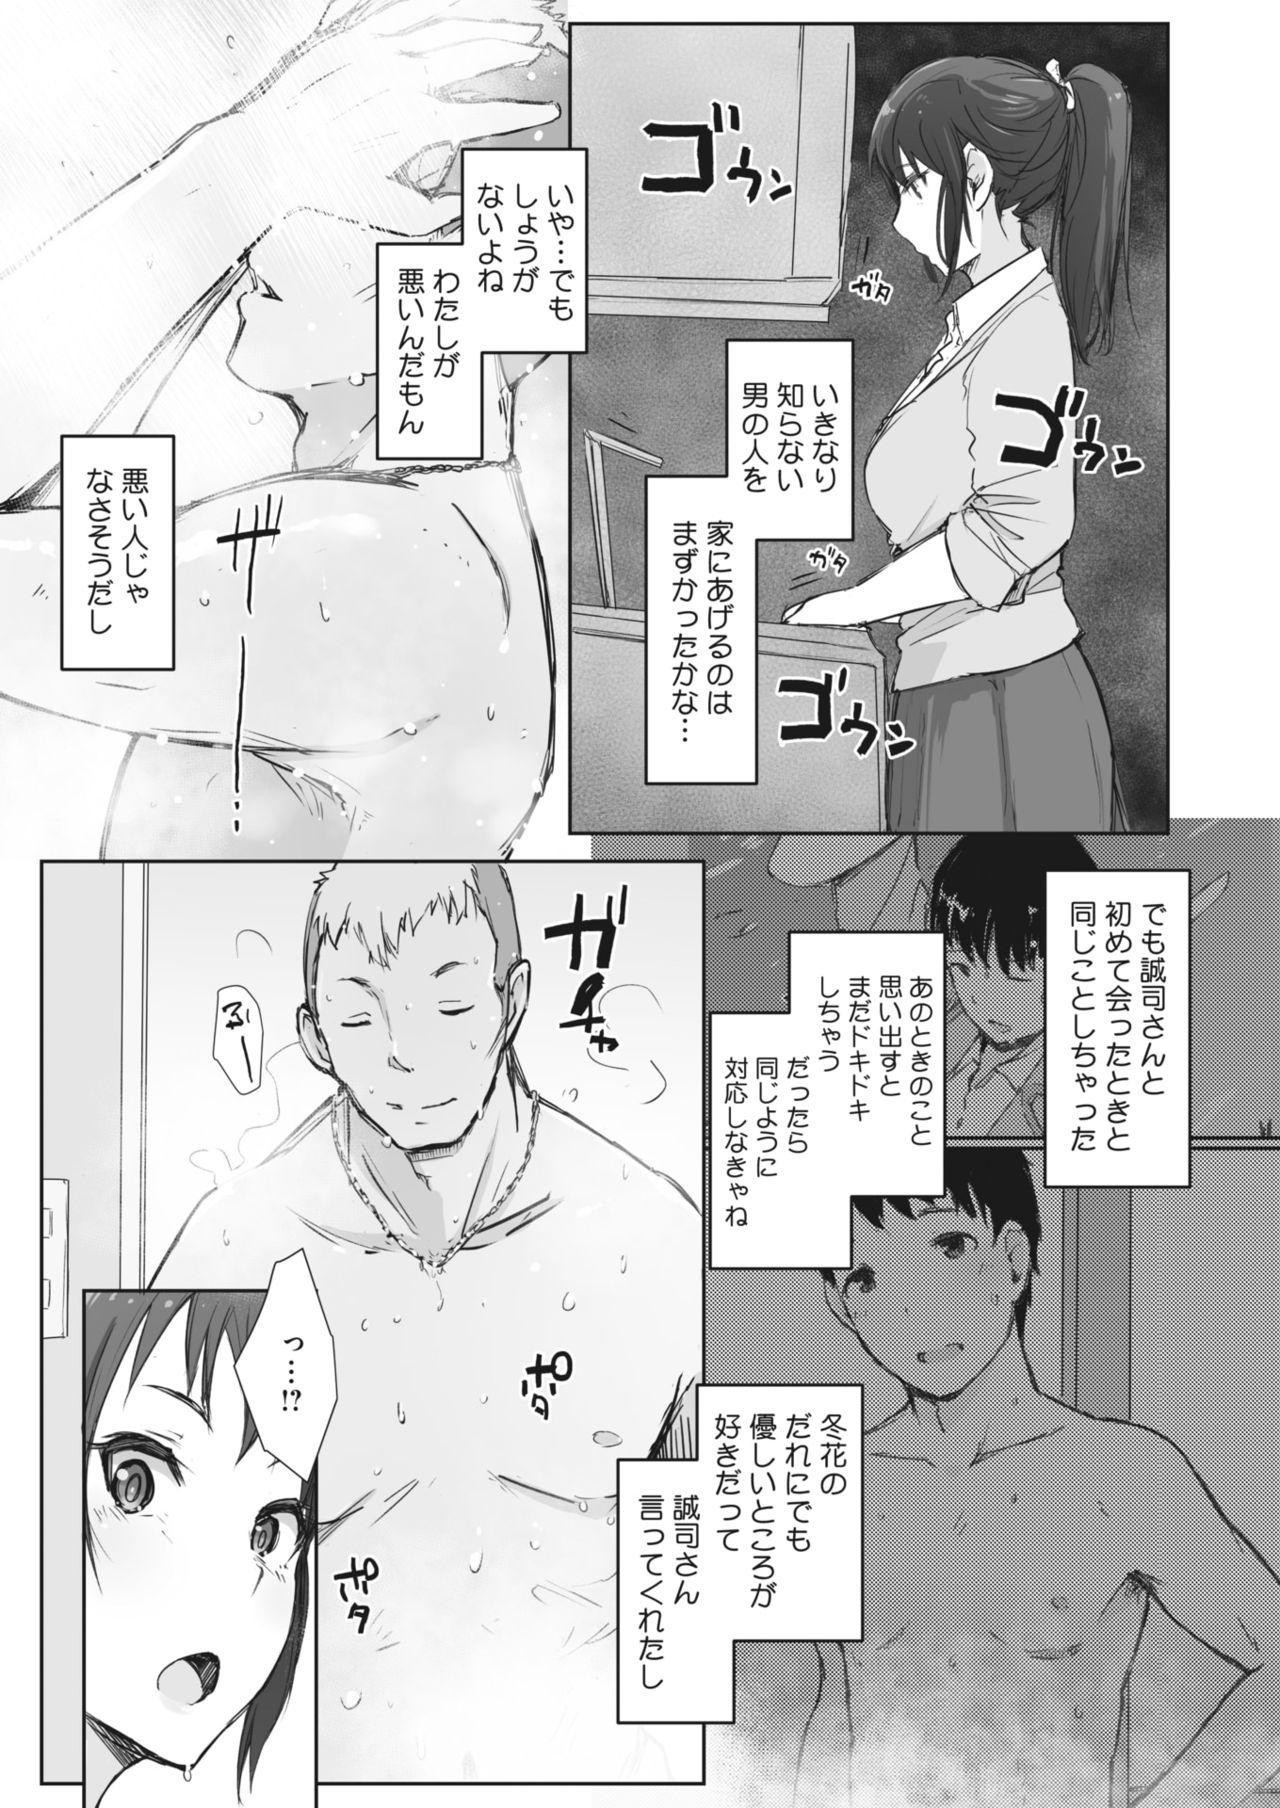 Kawa no Tsumetasa wa Haru no Otozure 1-4 46